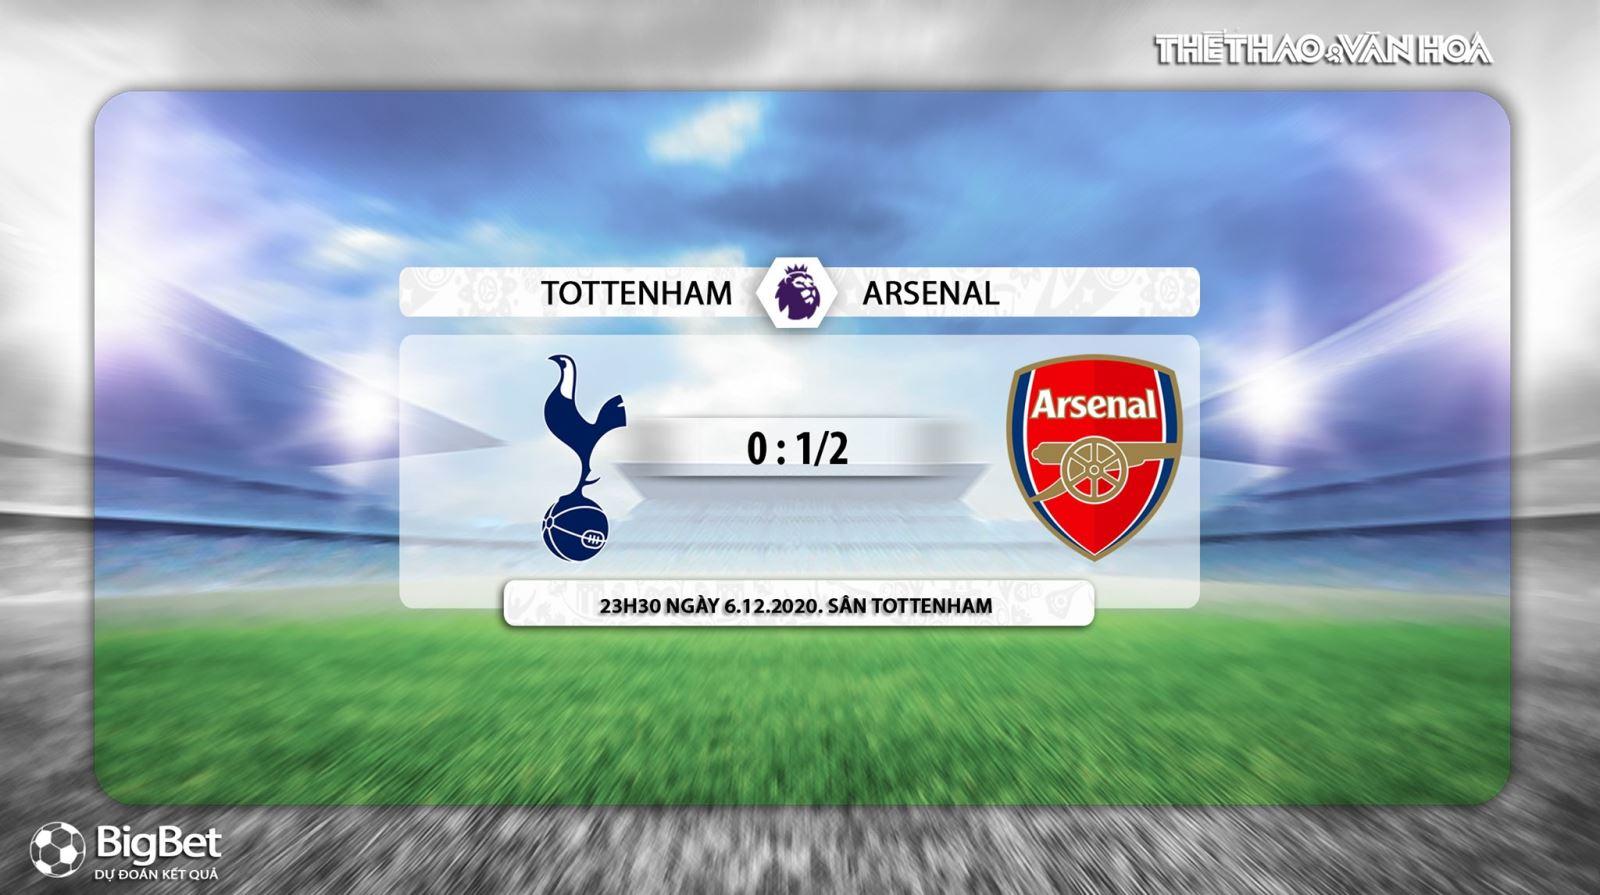 Keo nha cai, kèo nhà cái, Tottenham vs Arsenal, truc tiep bong da, ngoai hang Anh vòng 11, kèo bóng đá, trực tiếp Tottenham đấu với Arsenal, trực tiếp bóng đá Anh, K+PM